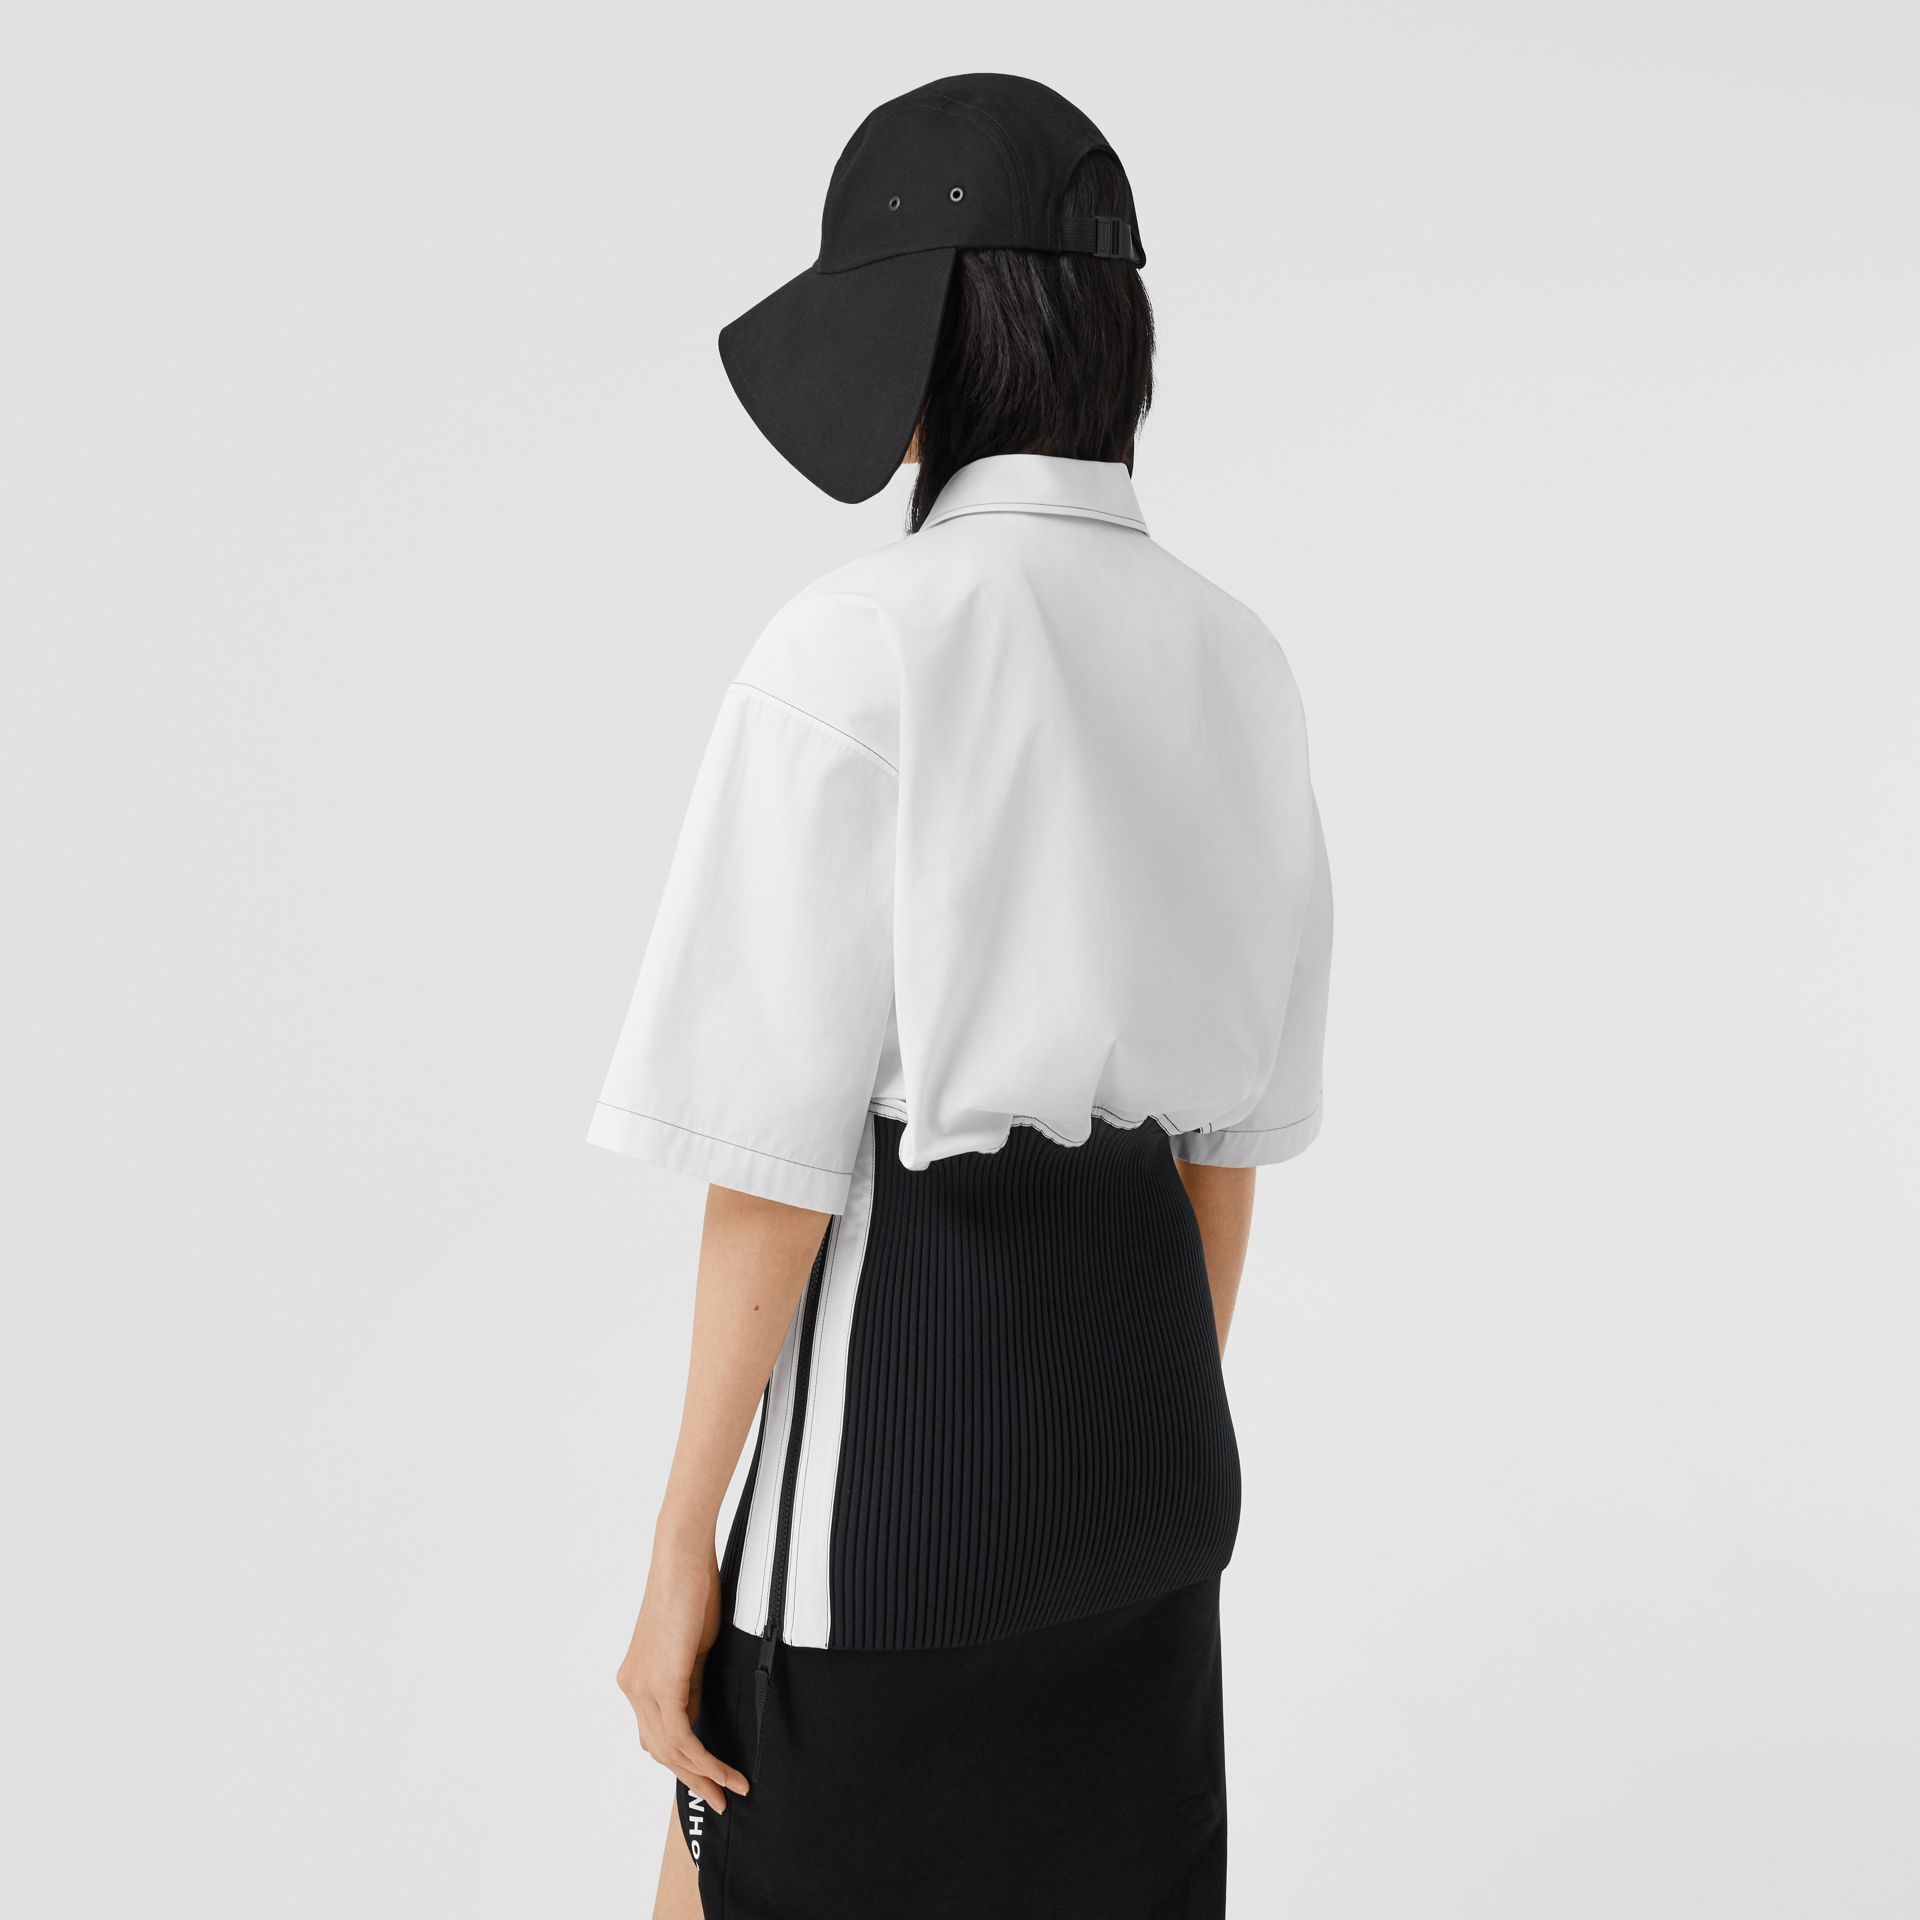 Объемная футболка с трикотажной отделкой (Оптический Белый) - Для женщин | Burberry - изображение 3